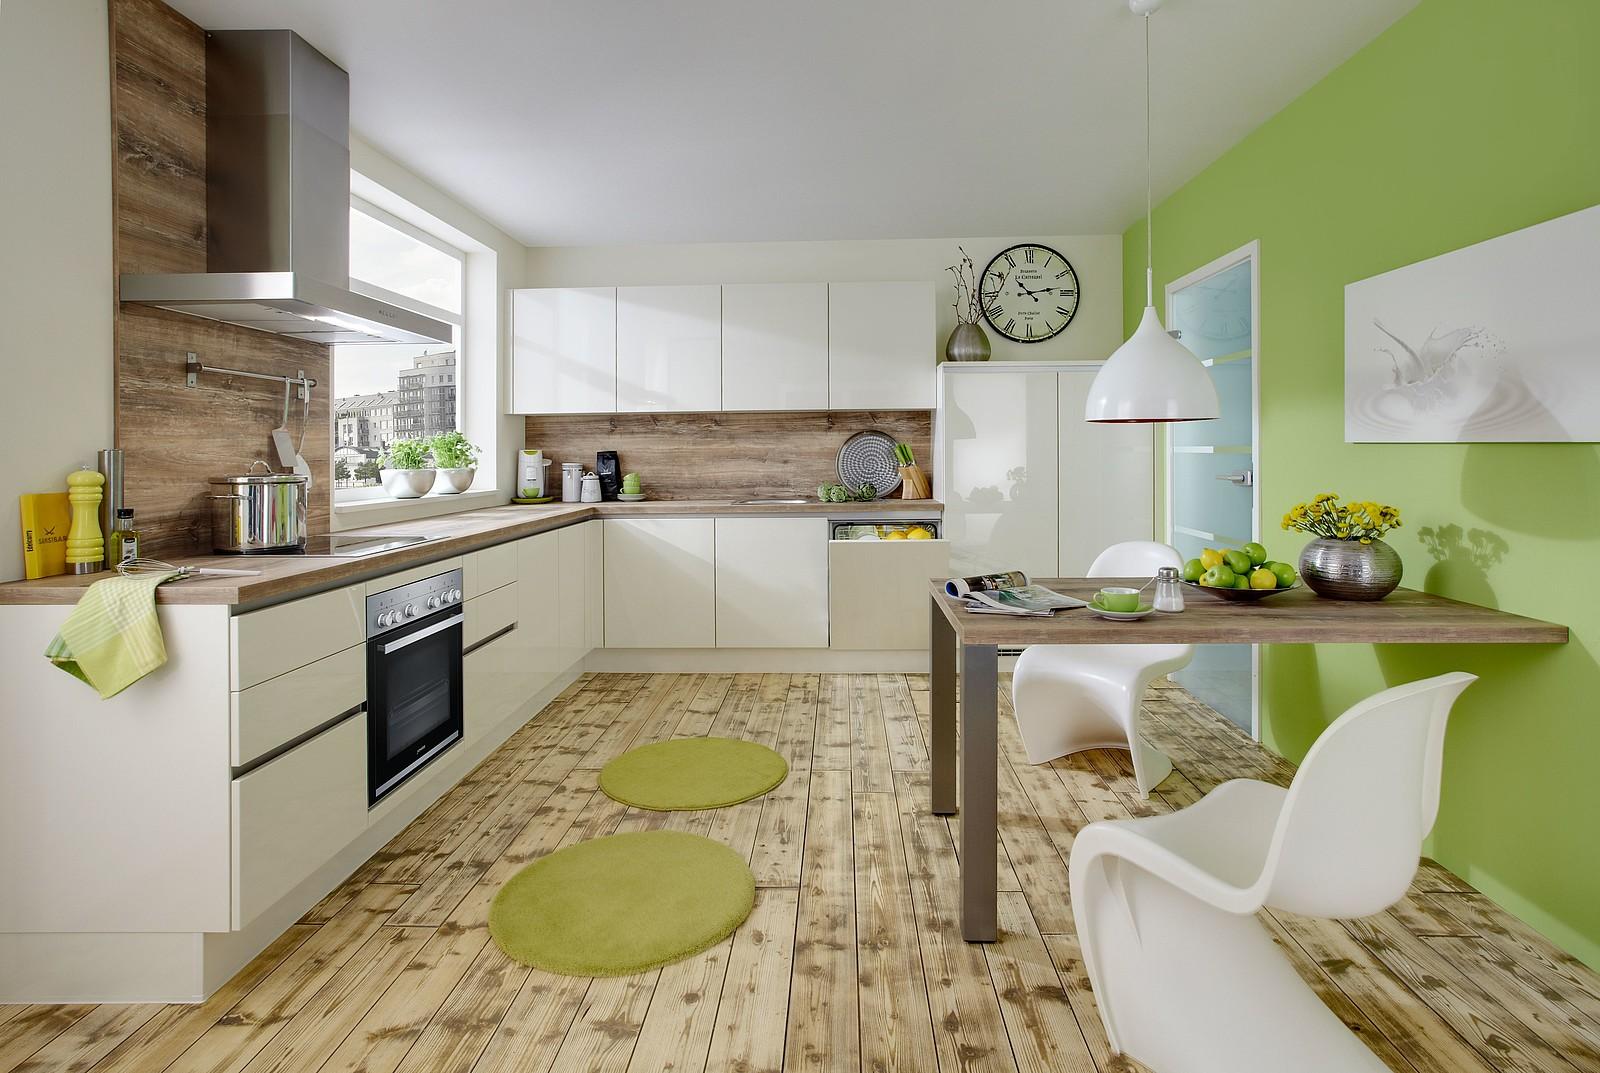 Full Size of Boden In Küche Verlegen Küche Boden Schubladen Küchenboden Hell Boden Für Küche Und Wohnzimmer Küche Bodenbelag Küche